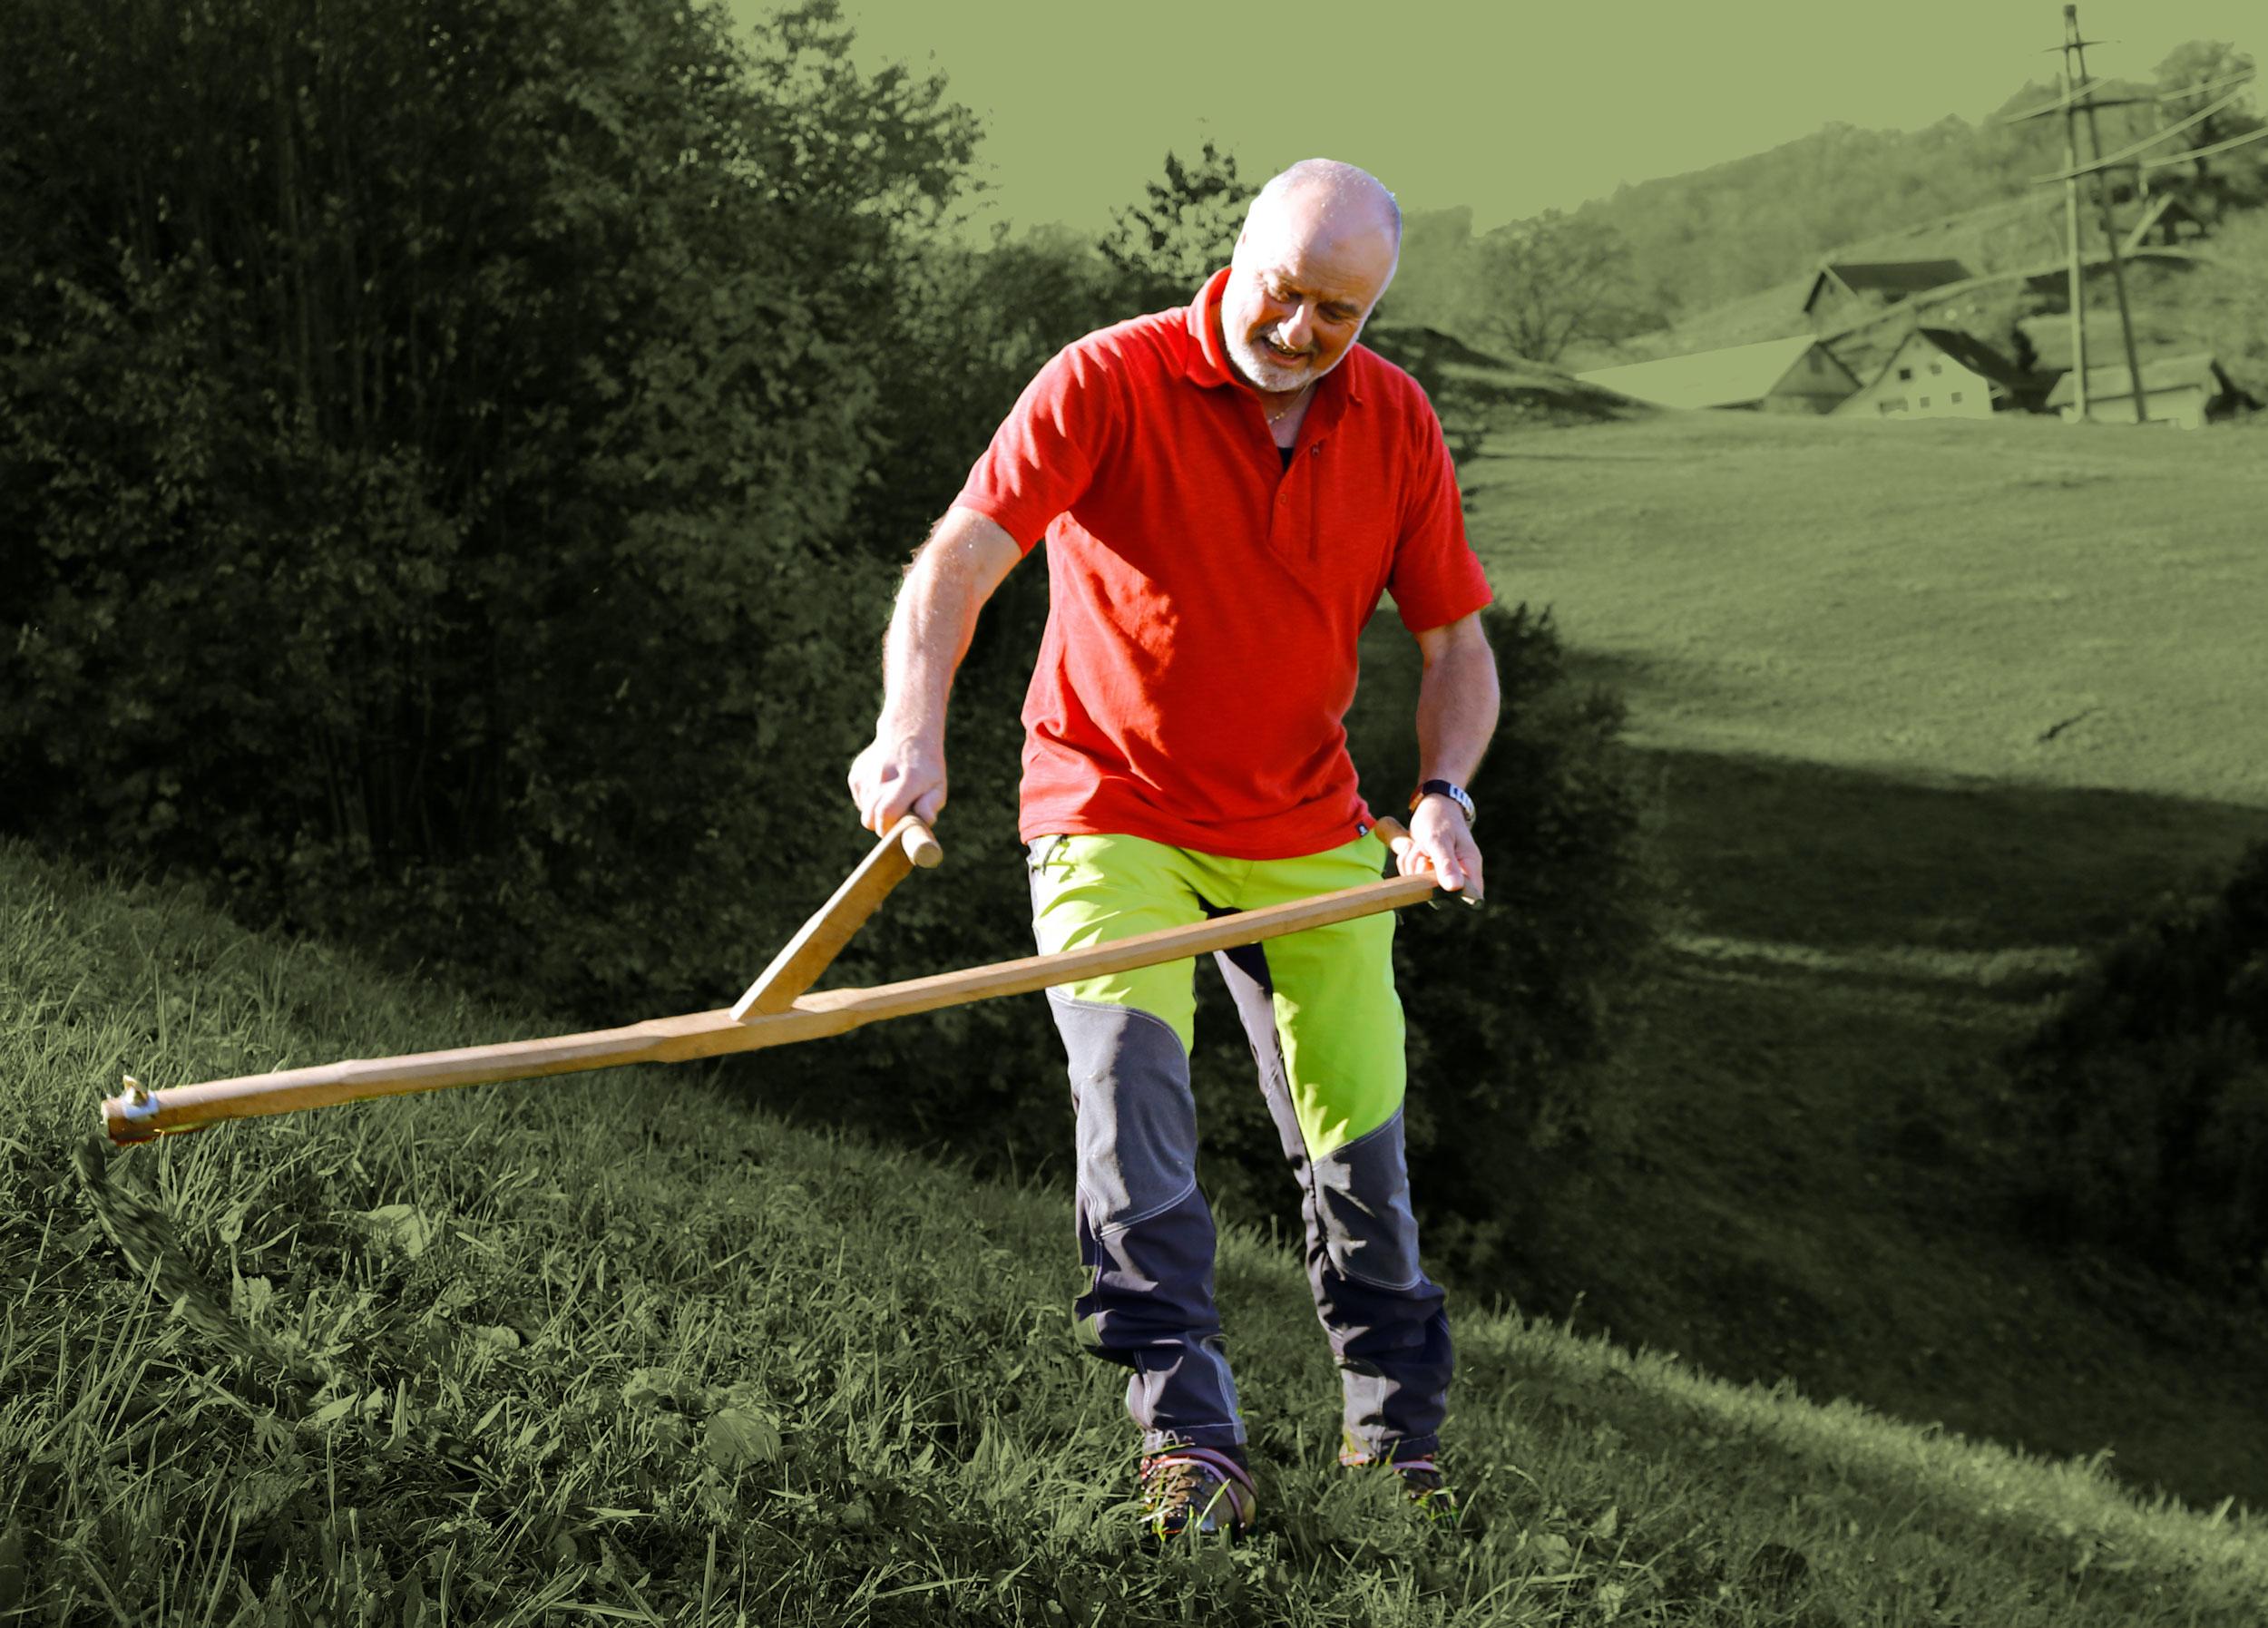 bergkralle_landwirtschaft.jpg